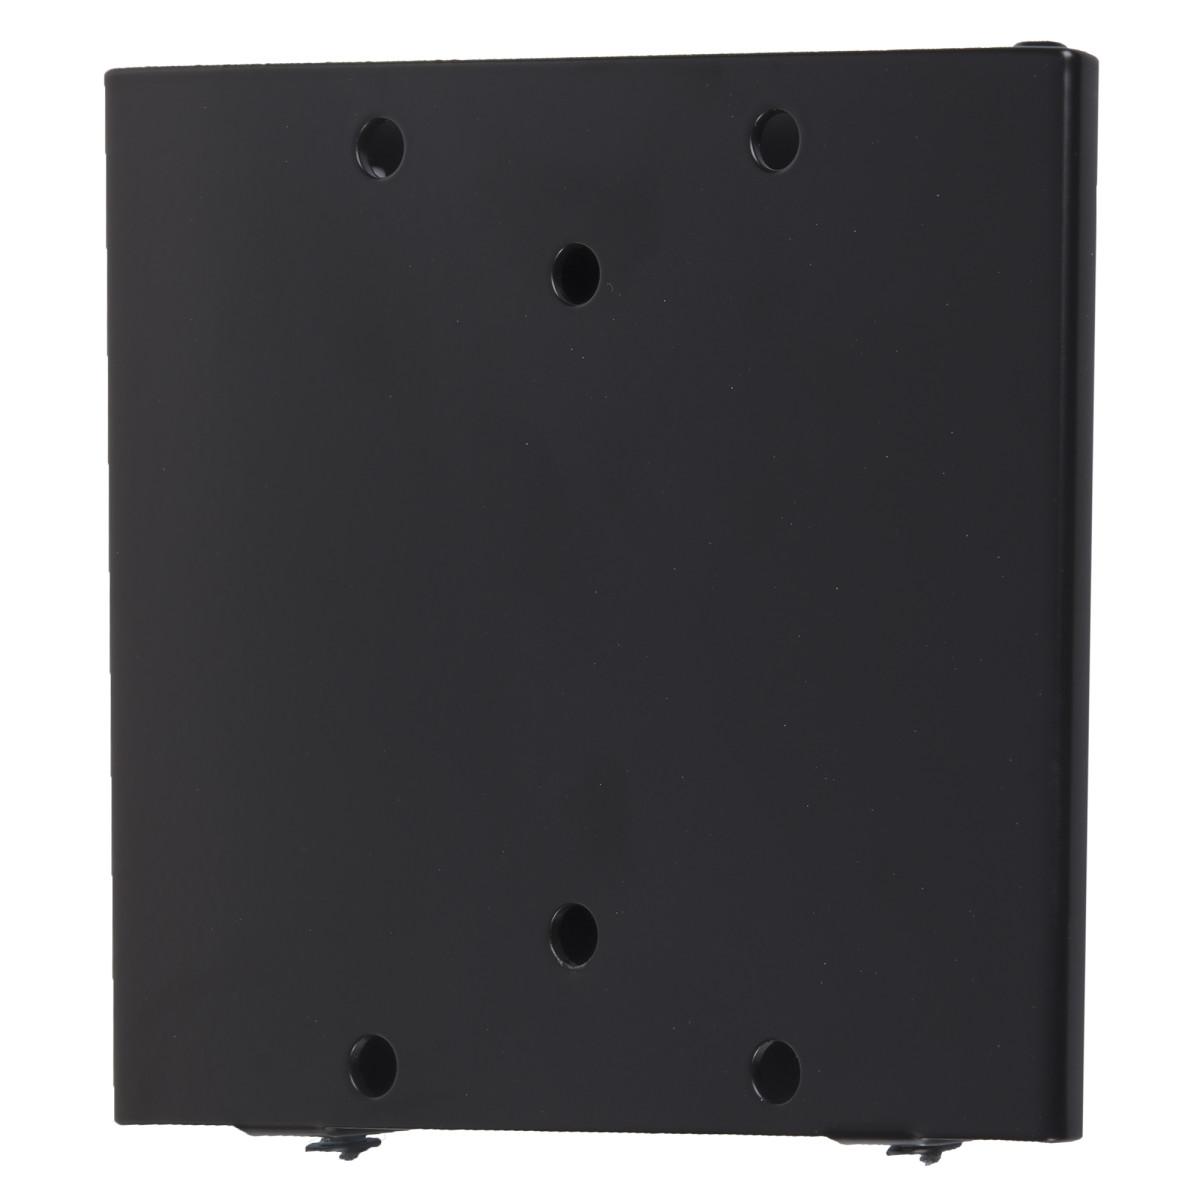 Кронштейн фиксированный для телевизора 14x12 см